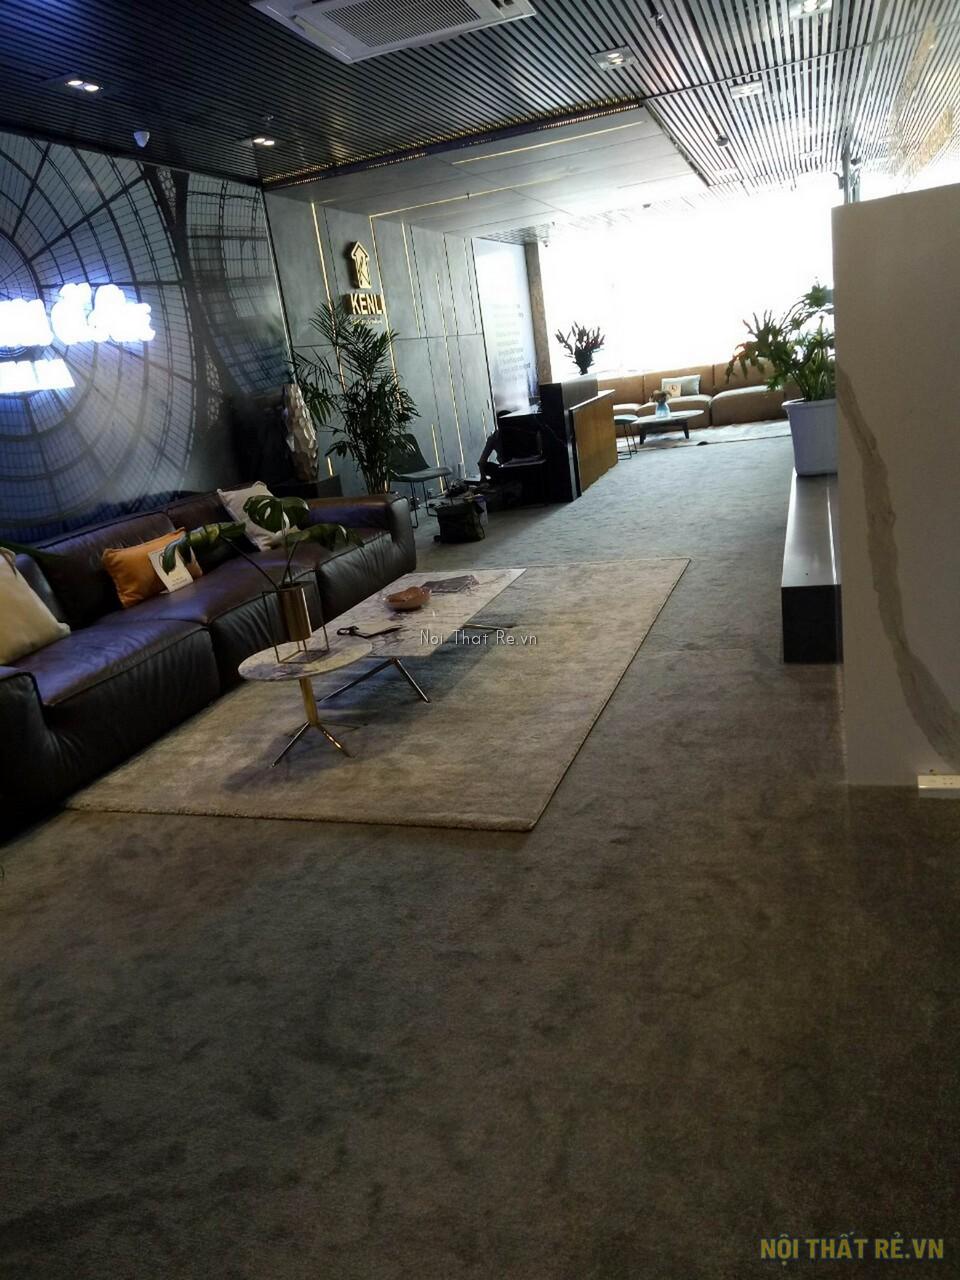 showroom trưng bày sofa trải thảm trang trí